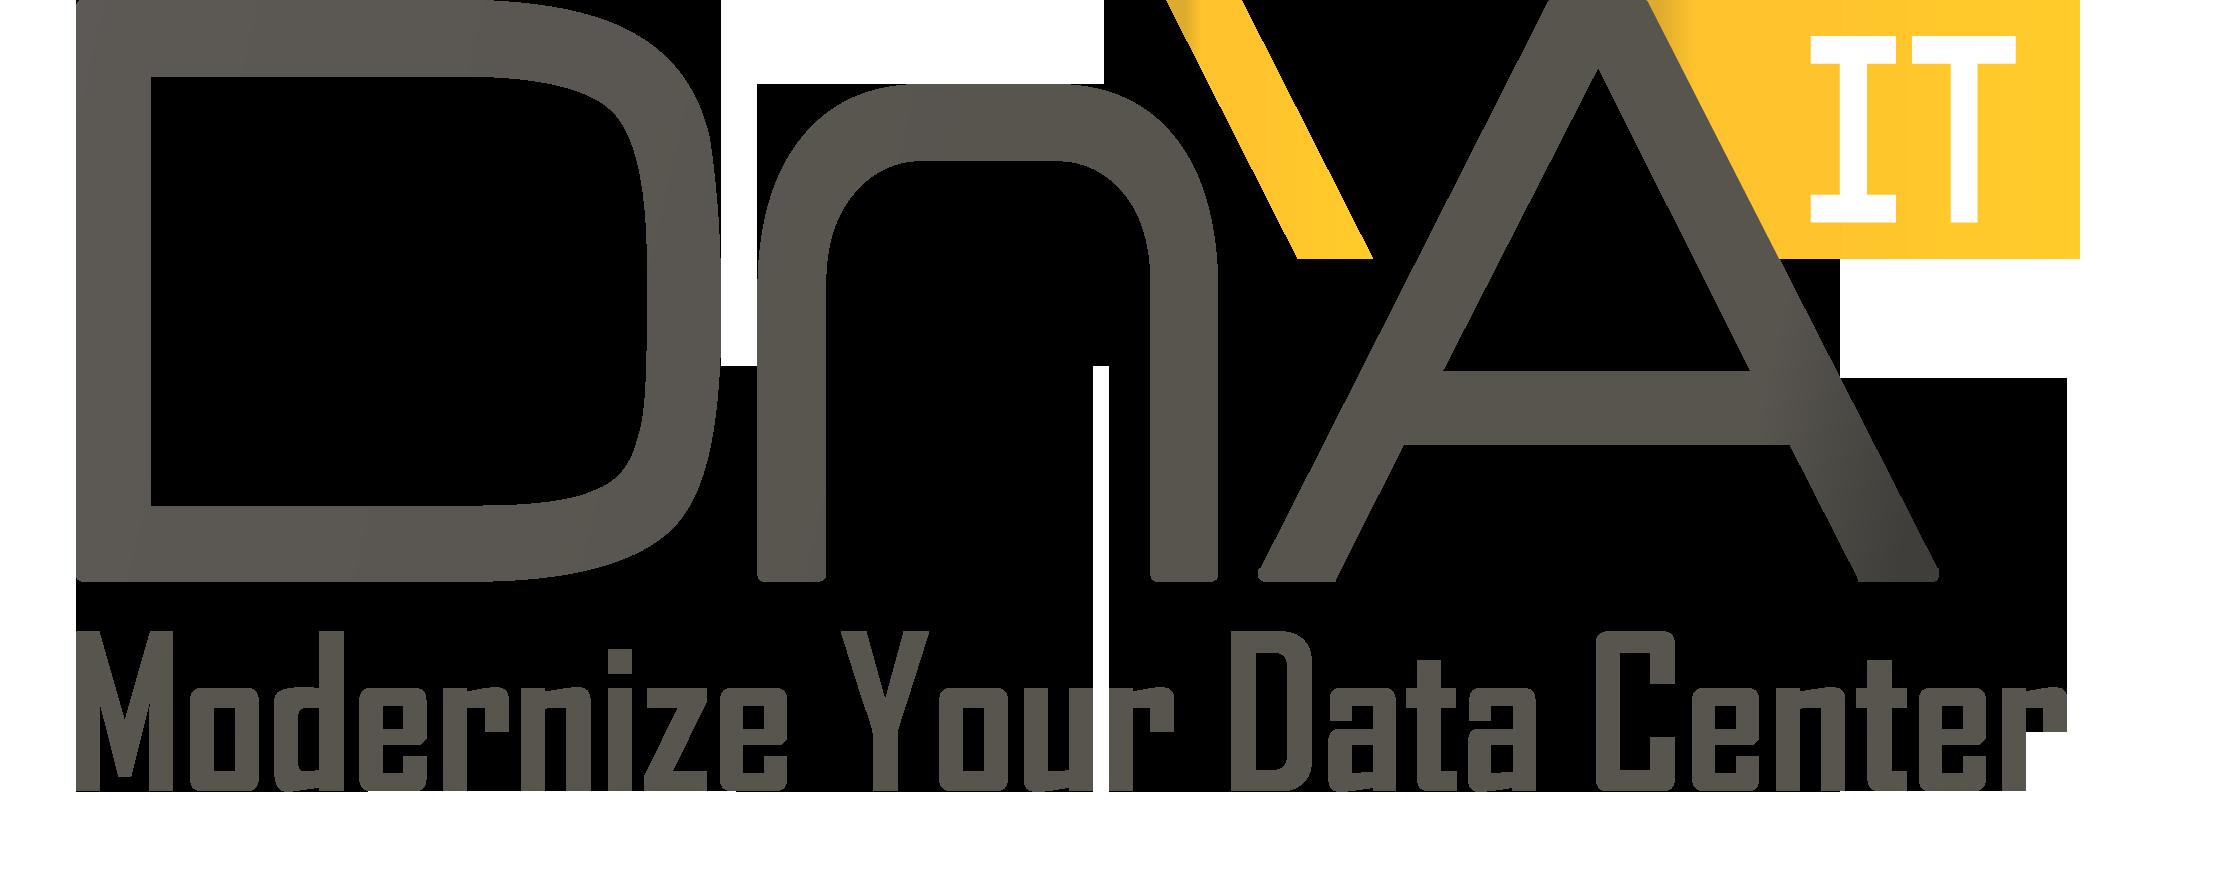 פתרונות חדשניים למערכות מחשוב מרכזיות - DnA-IT